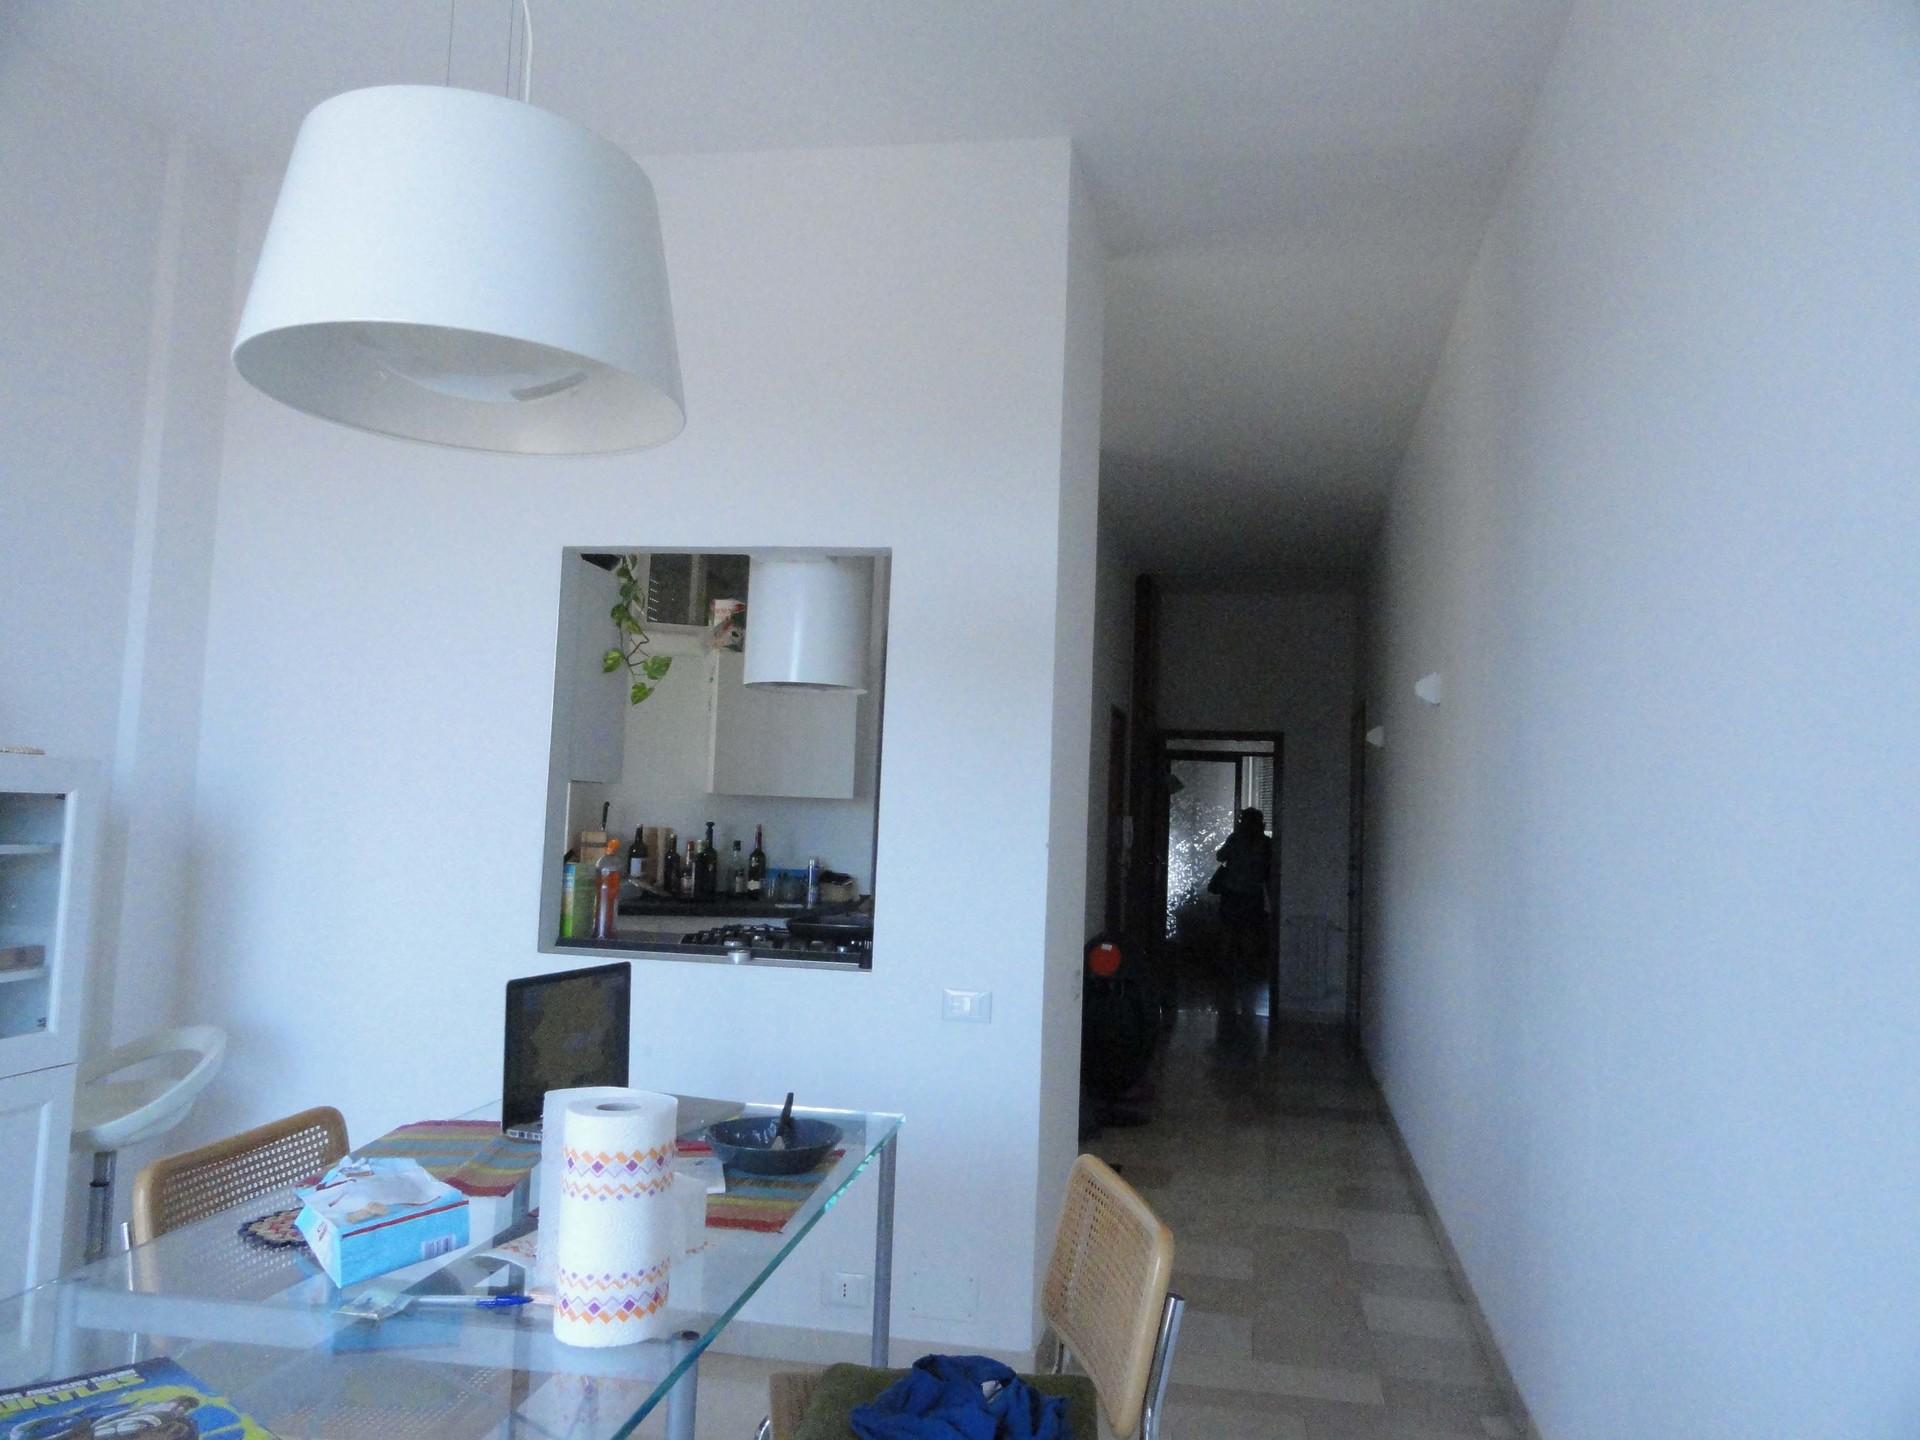 il-bellappartamento-affittare-nel-centro-e13f6ce59ce99608f7904b7742c52f68